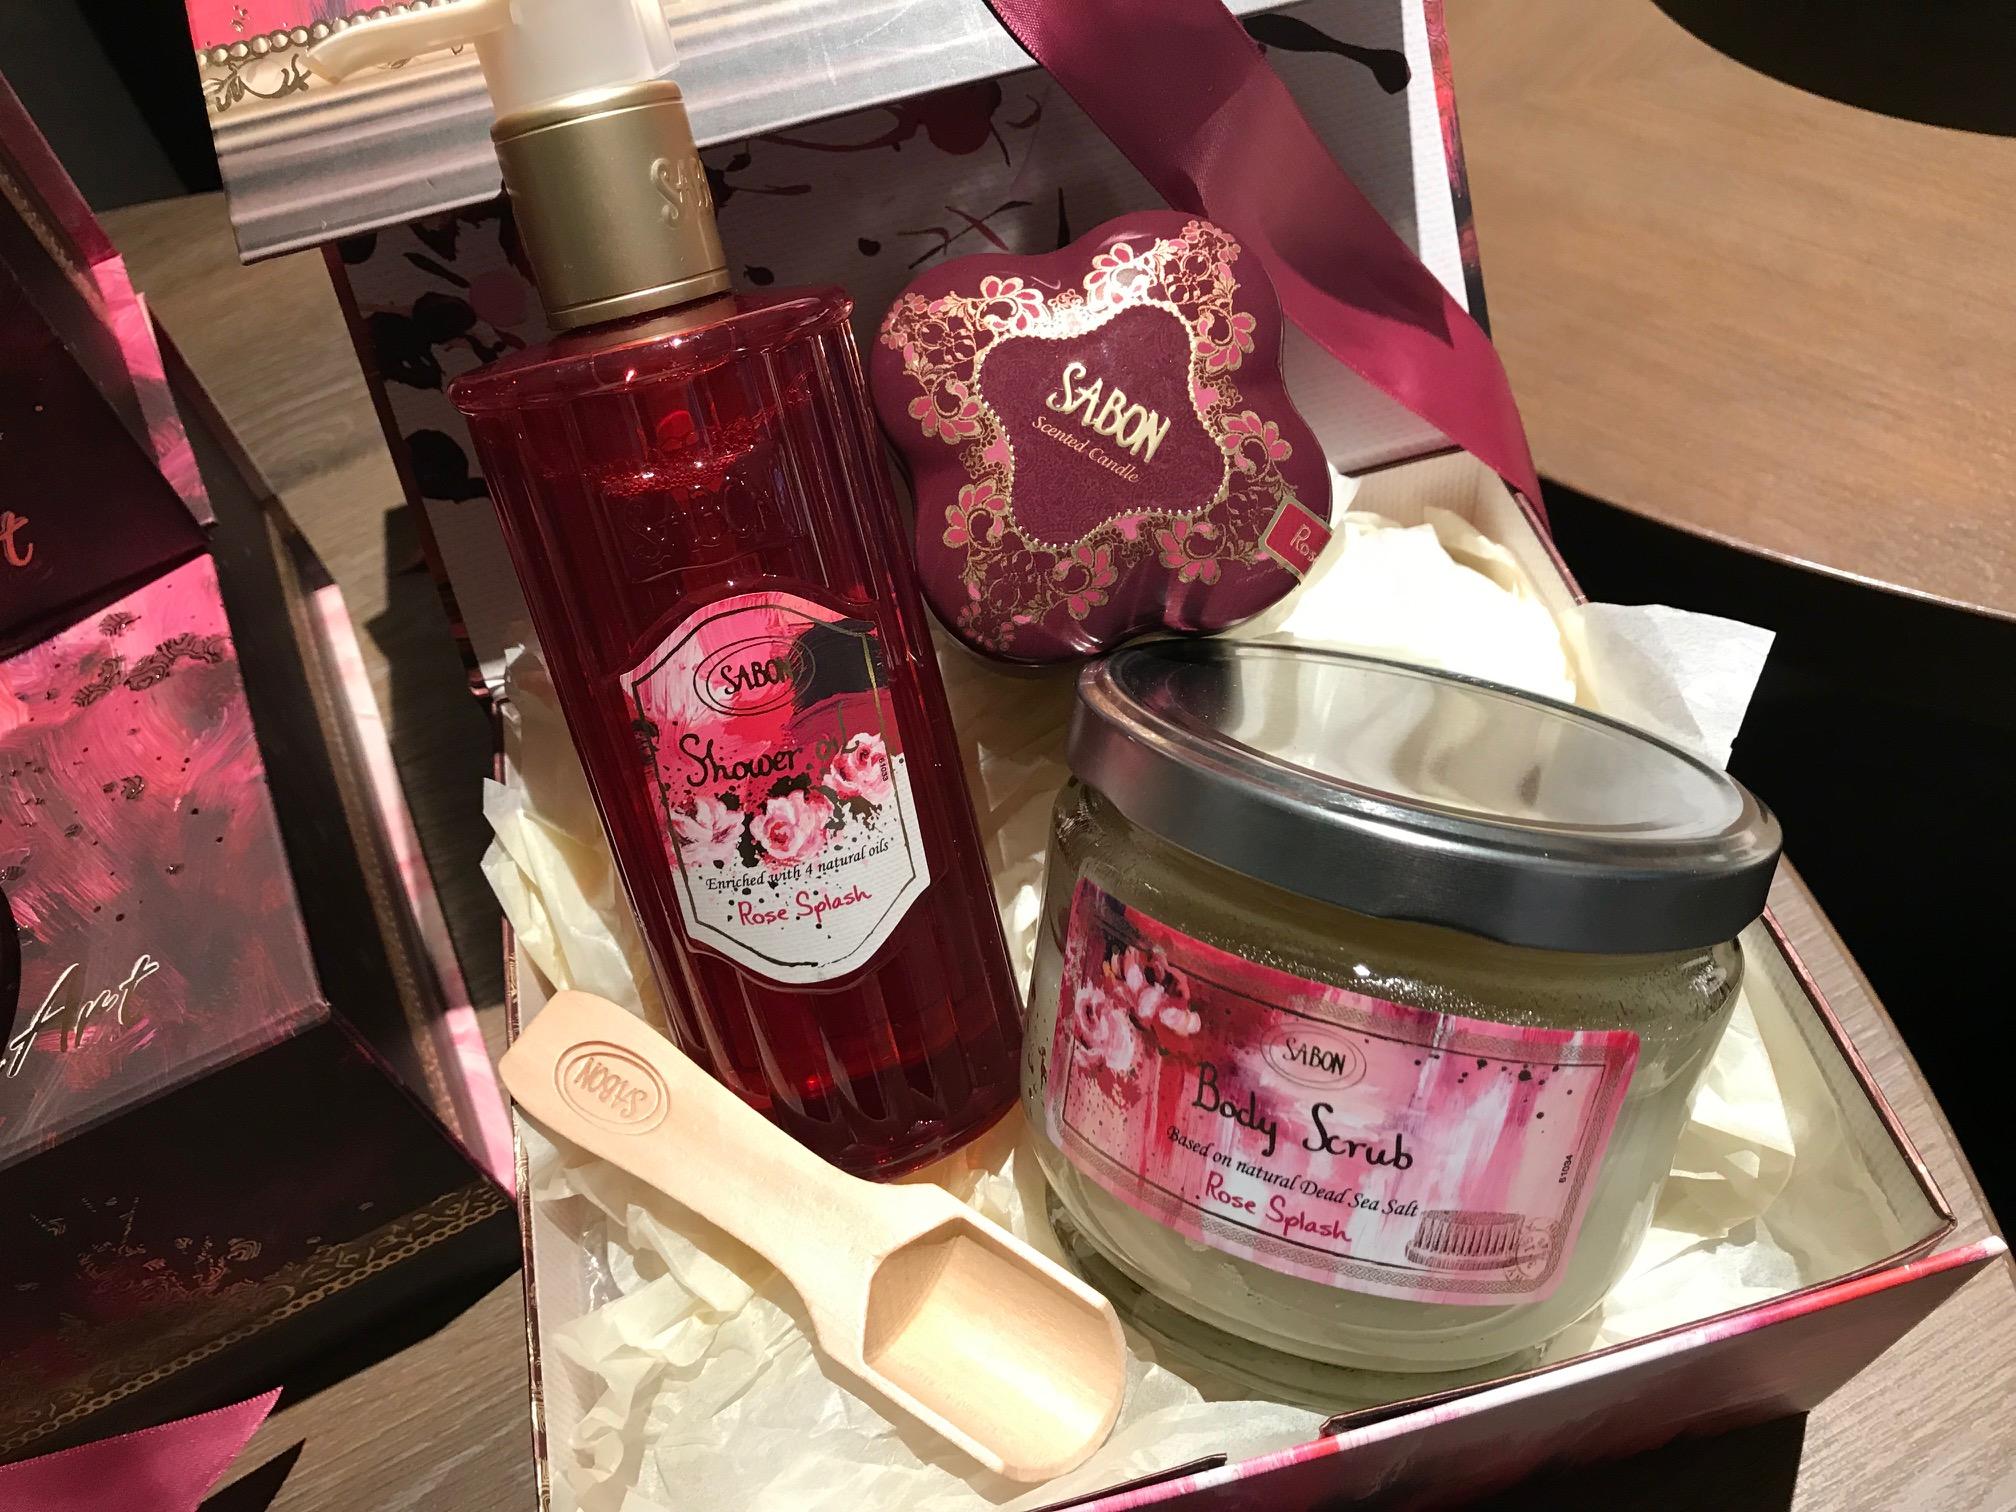 『SABON』が贈る、ローズ香るピンクのディナー(しかも特典つき♡)!! 今度のデートや女子会は『ザ ストリングス 表参道』で_10